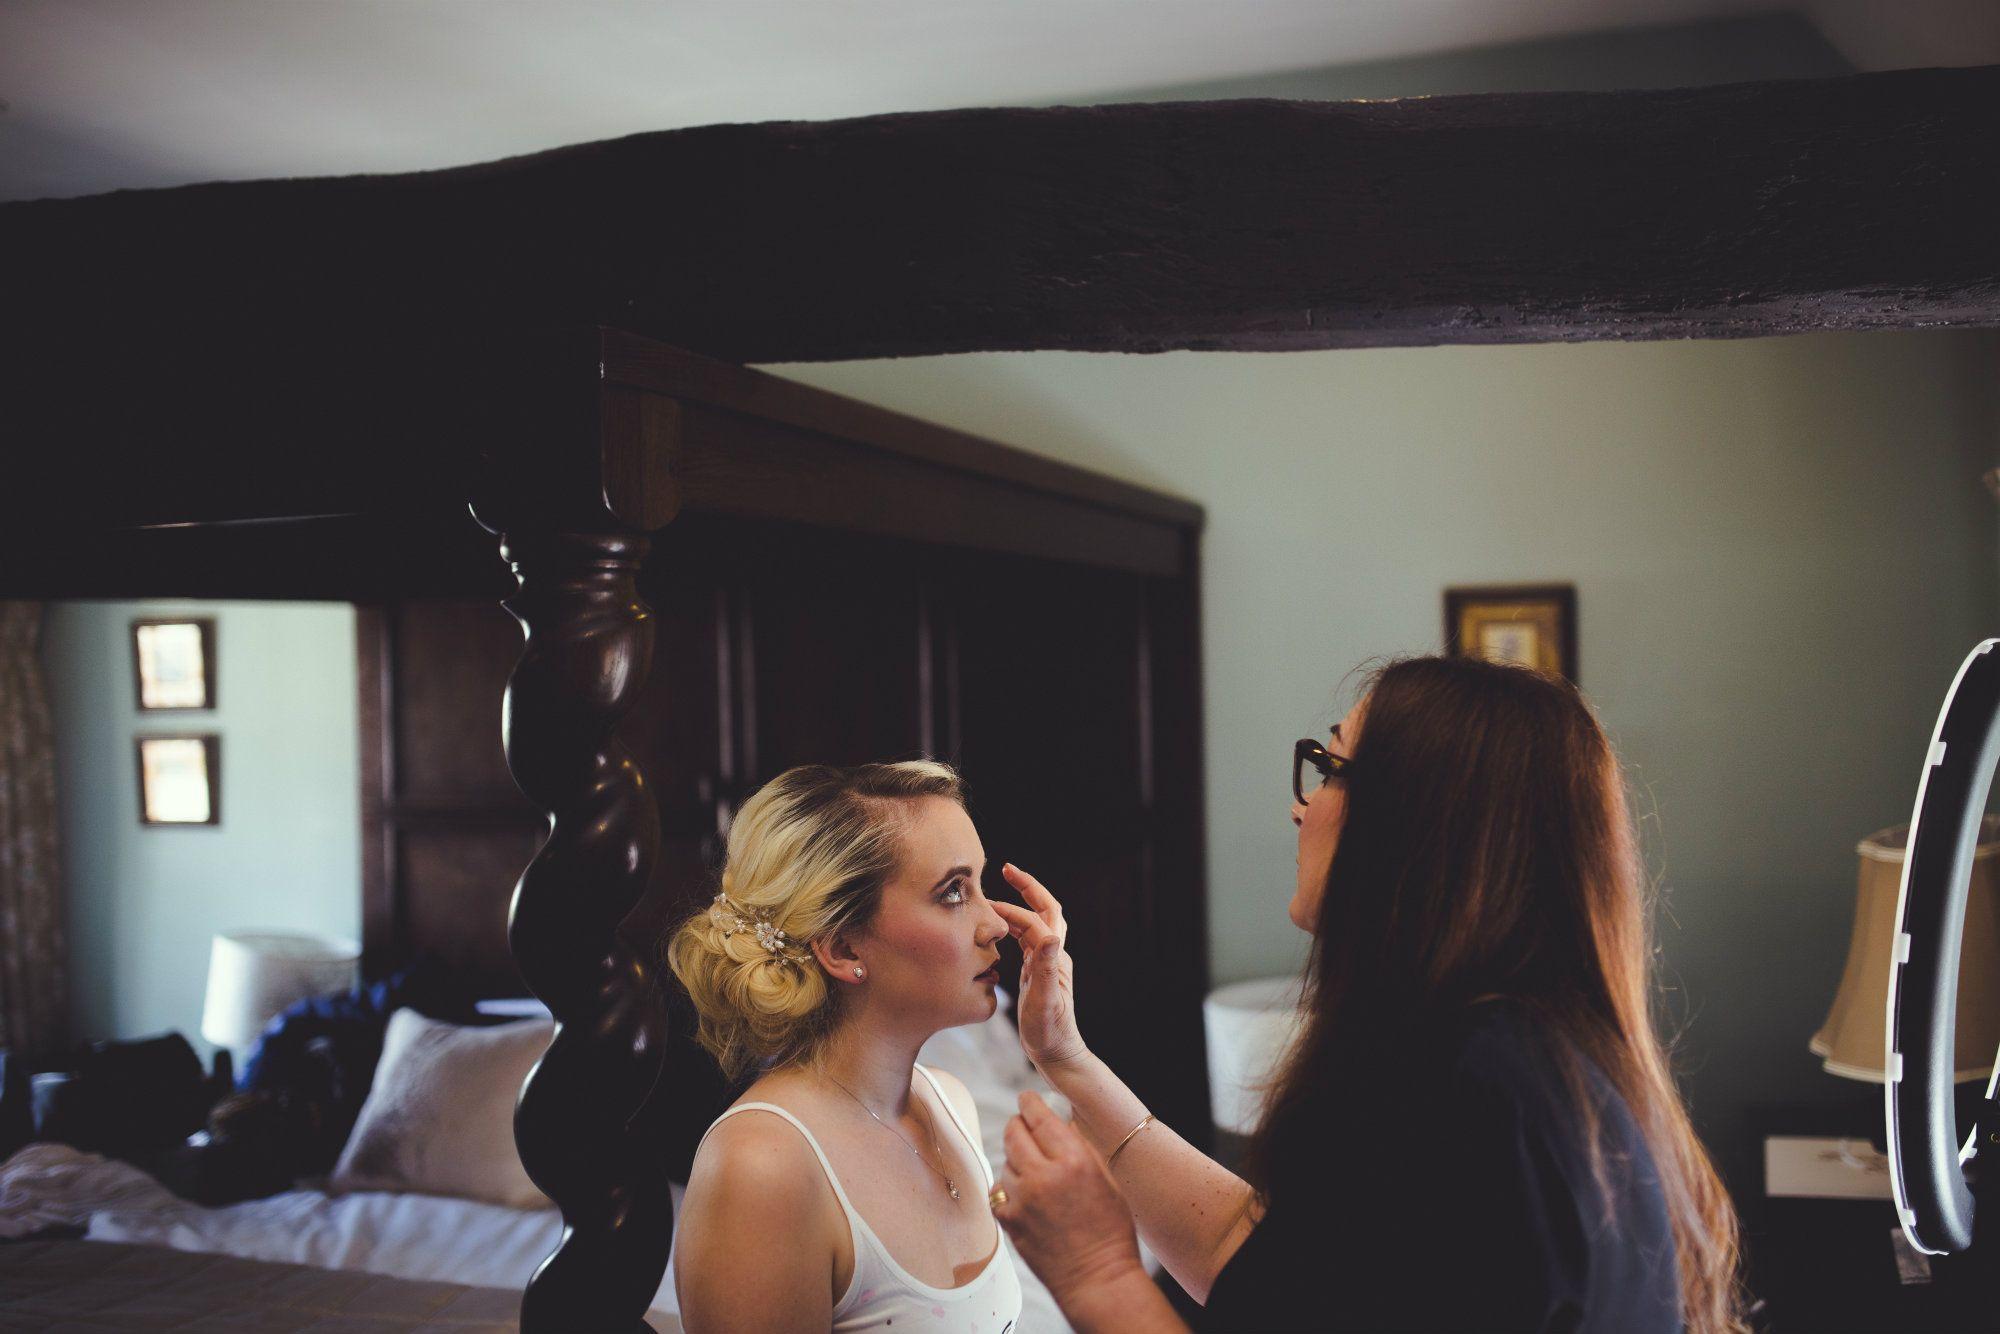 Burford-Oxford-mobile-wedding-hairdresser-Oxfordshire-UK-JEN-40